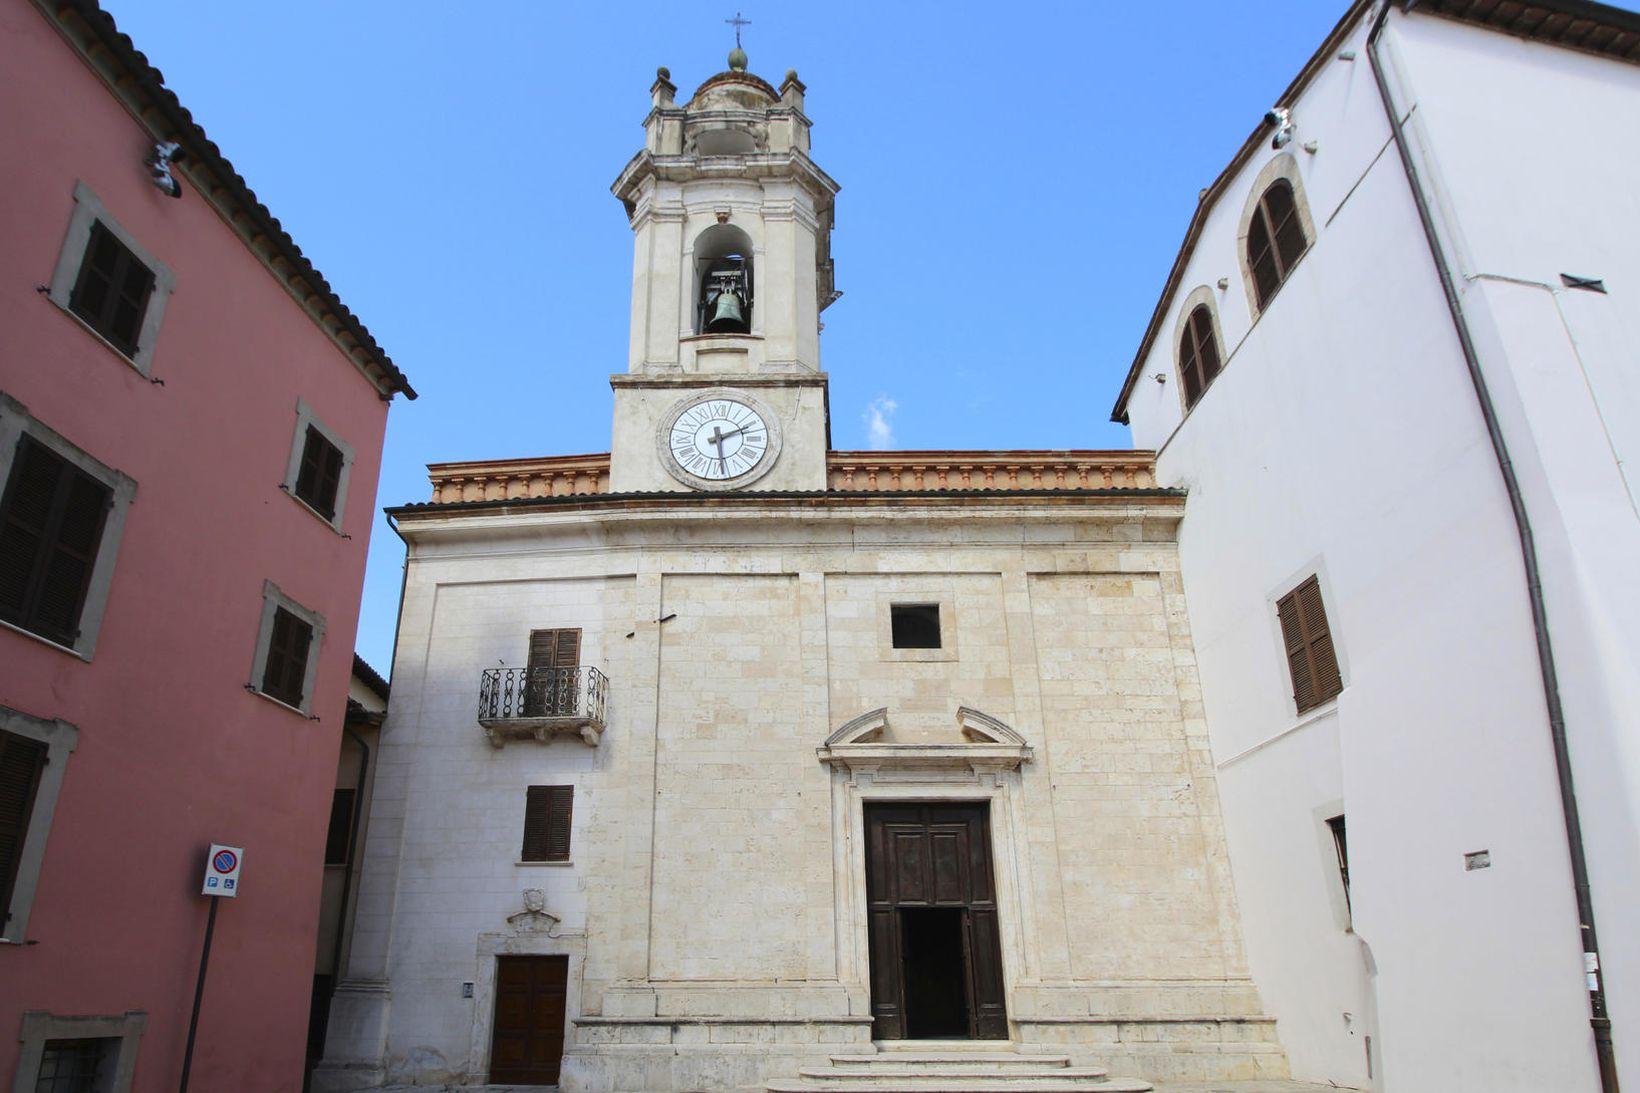 San Felice-kirkjan í bænum Massa Martana.